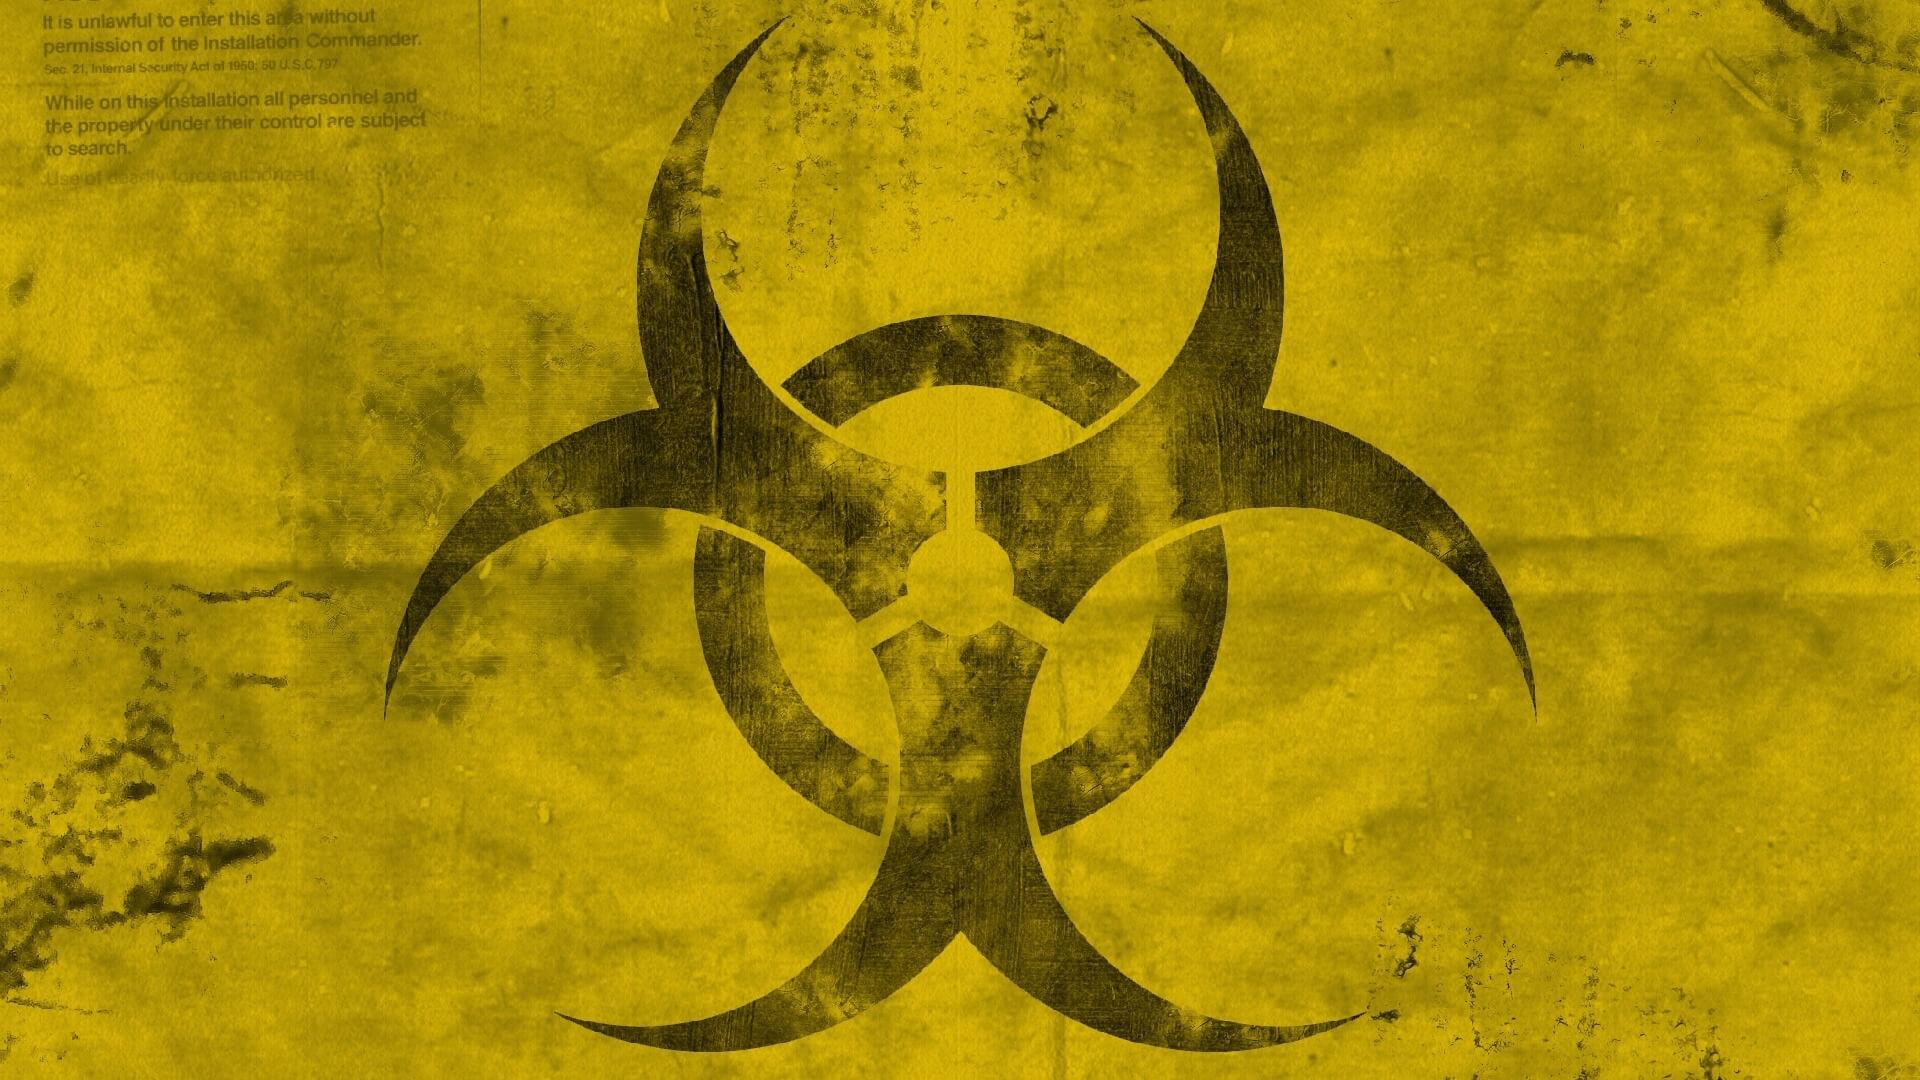 10 бактериальных кандидатов на биологическое оружие